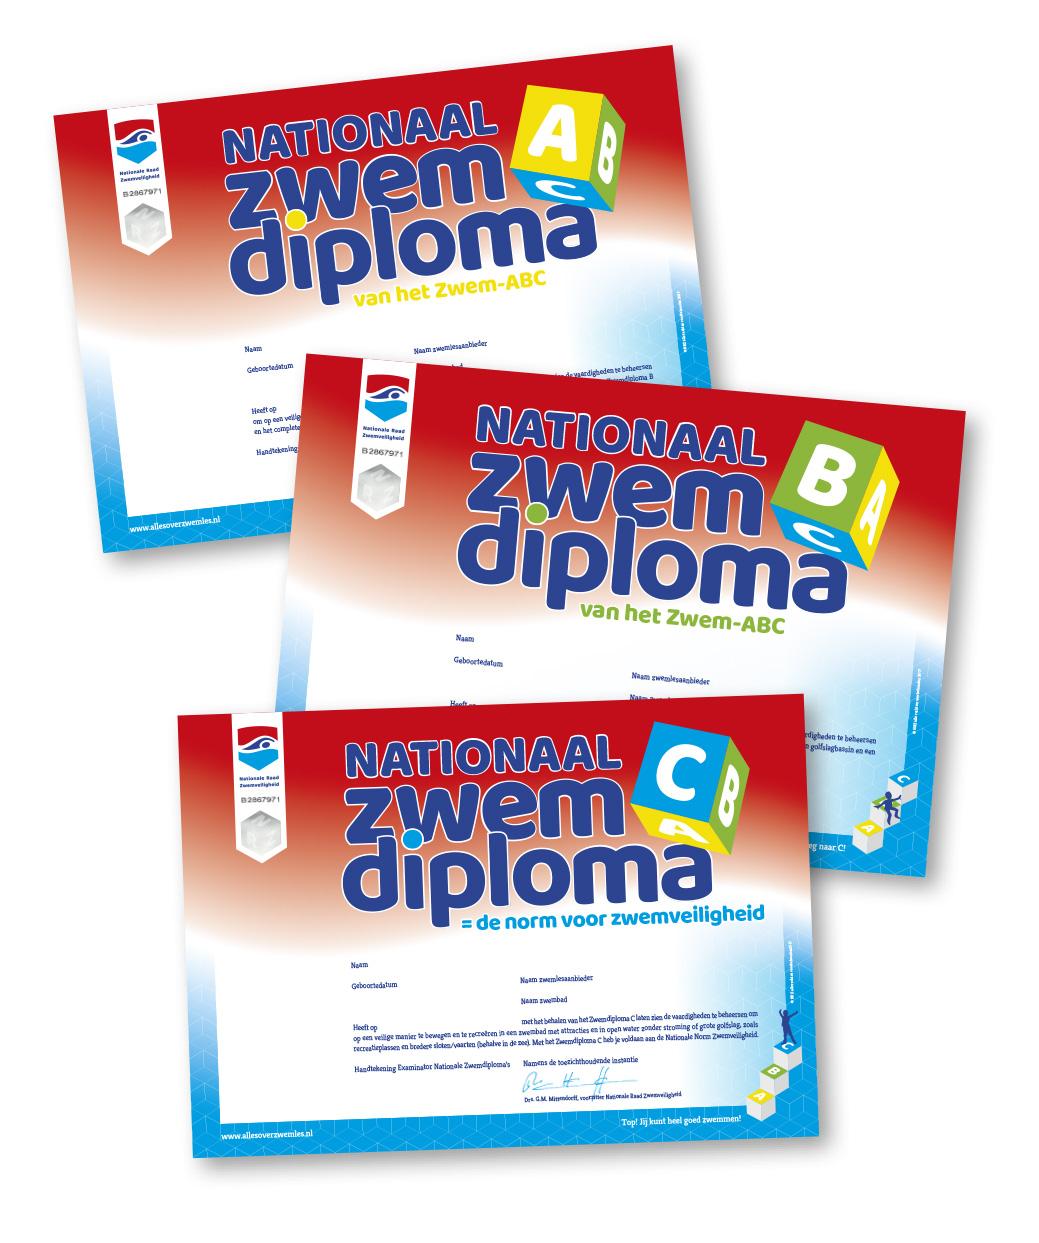 Week 26 weer diplomazwemmen